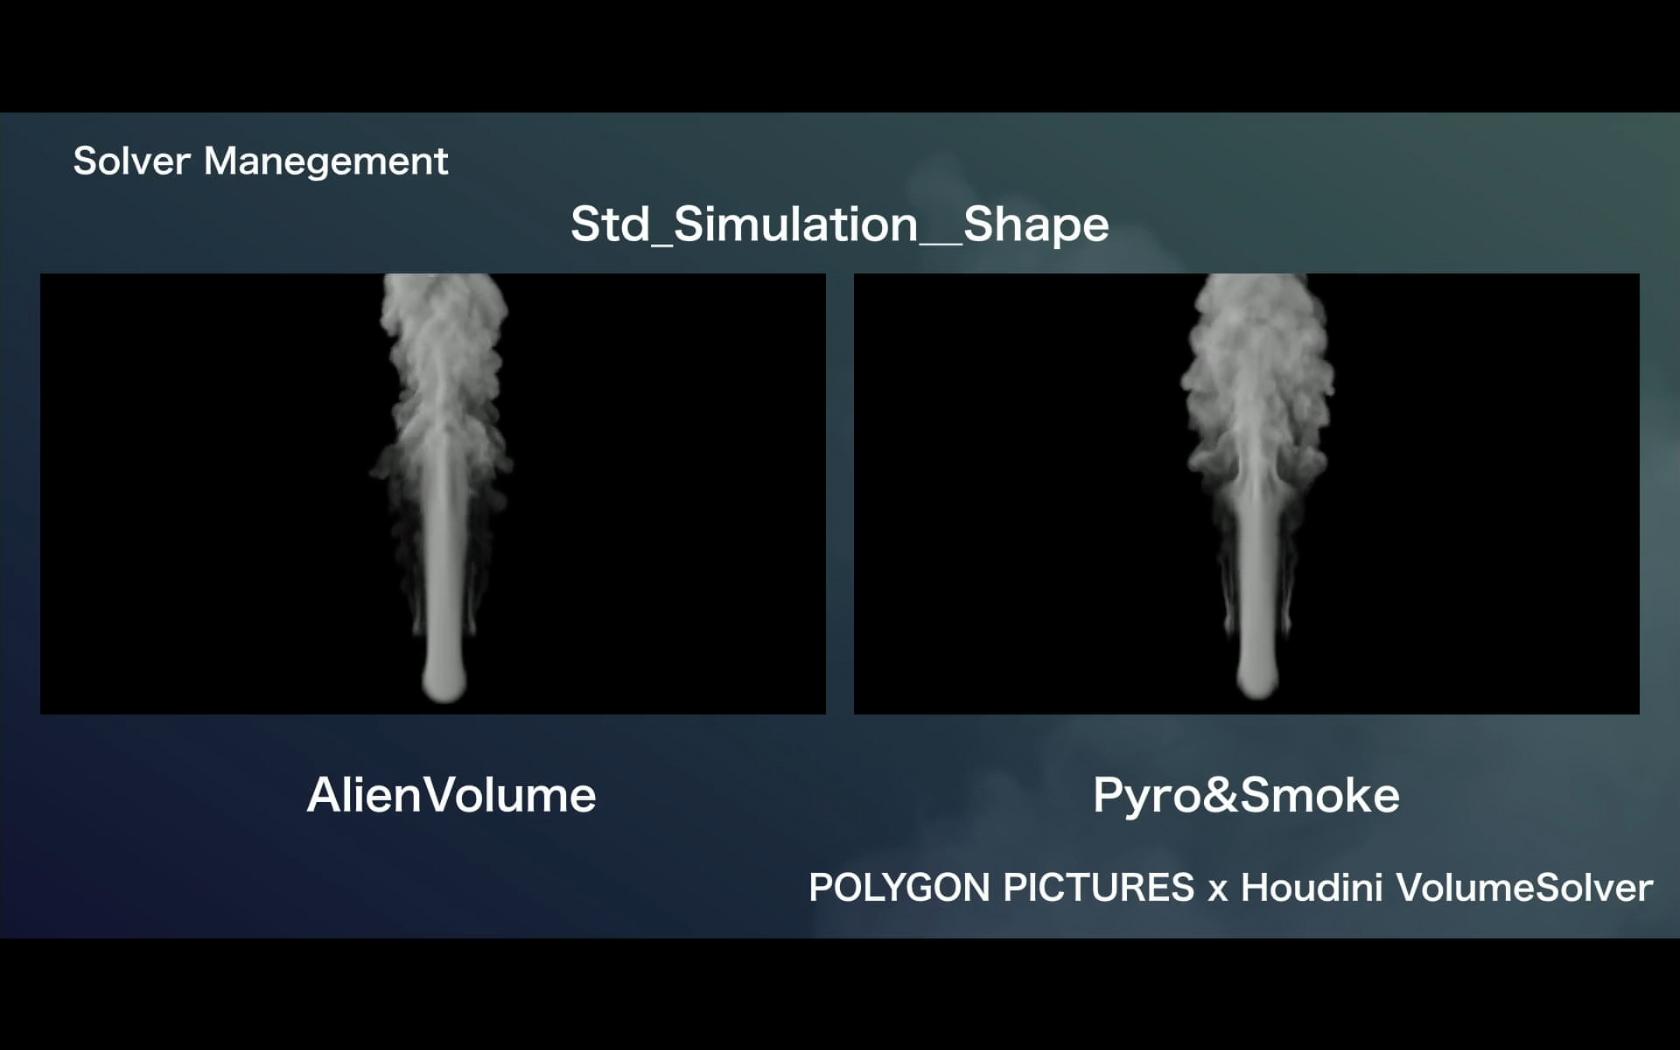 Houdini Fluid Simulation セミナー』 | インディゾーンHoudini